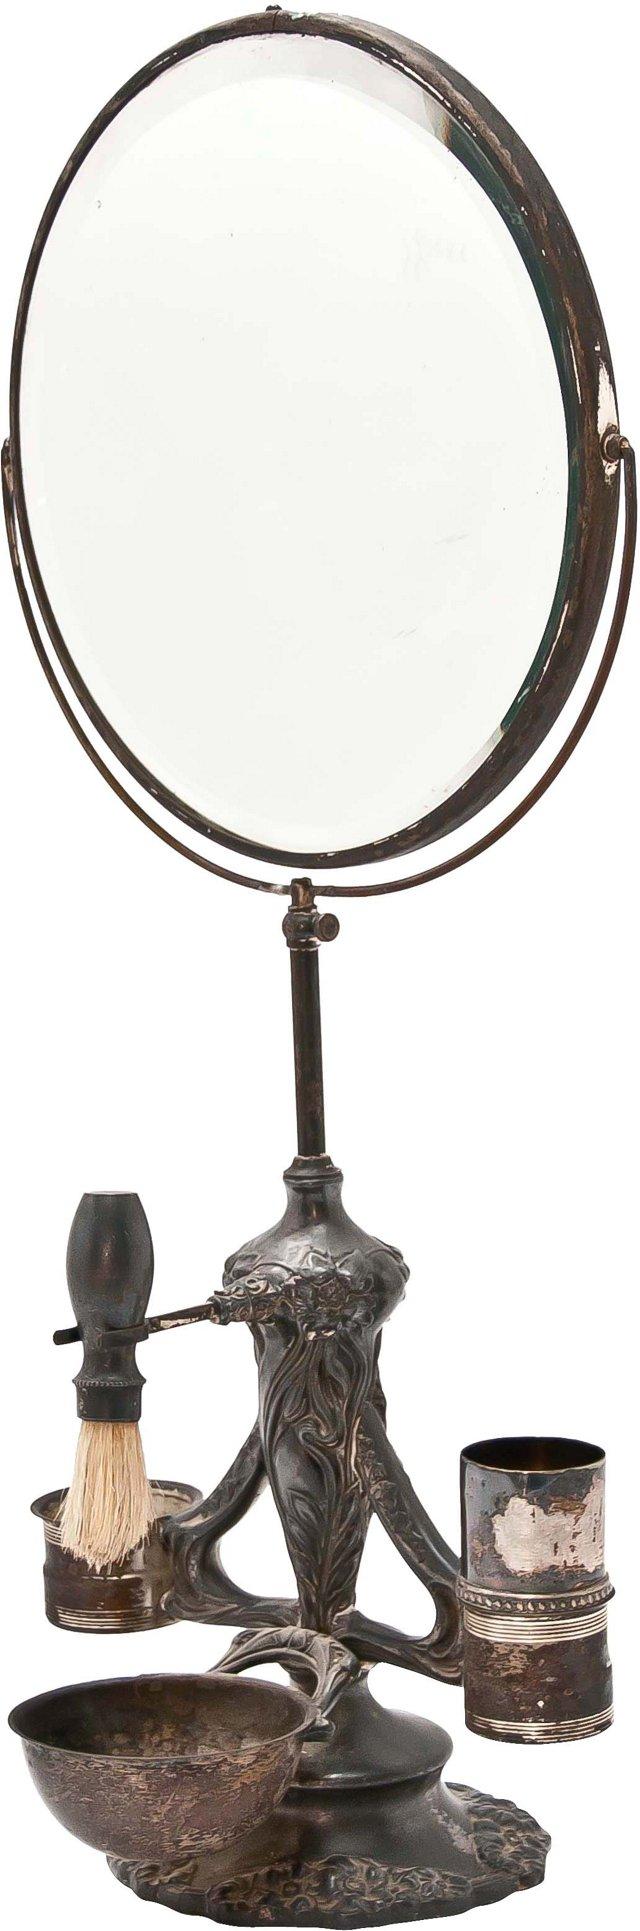 Art Nouveau Shaving Stand